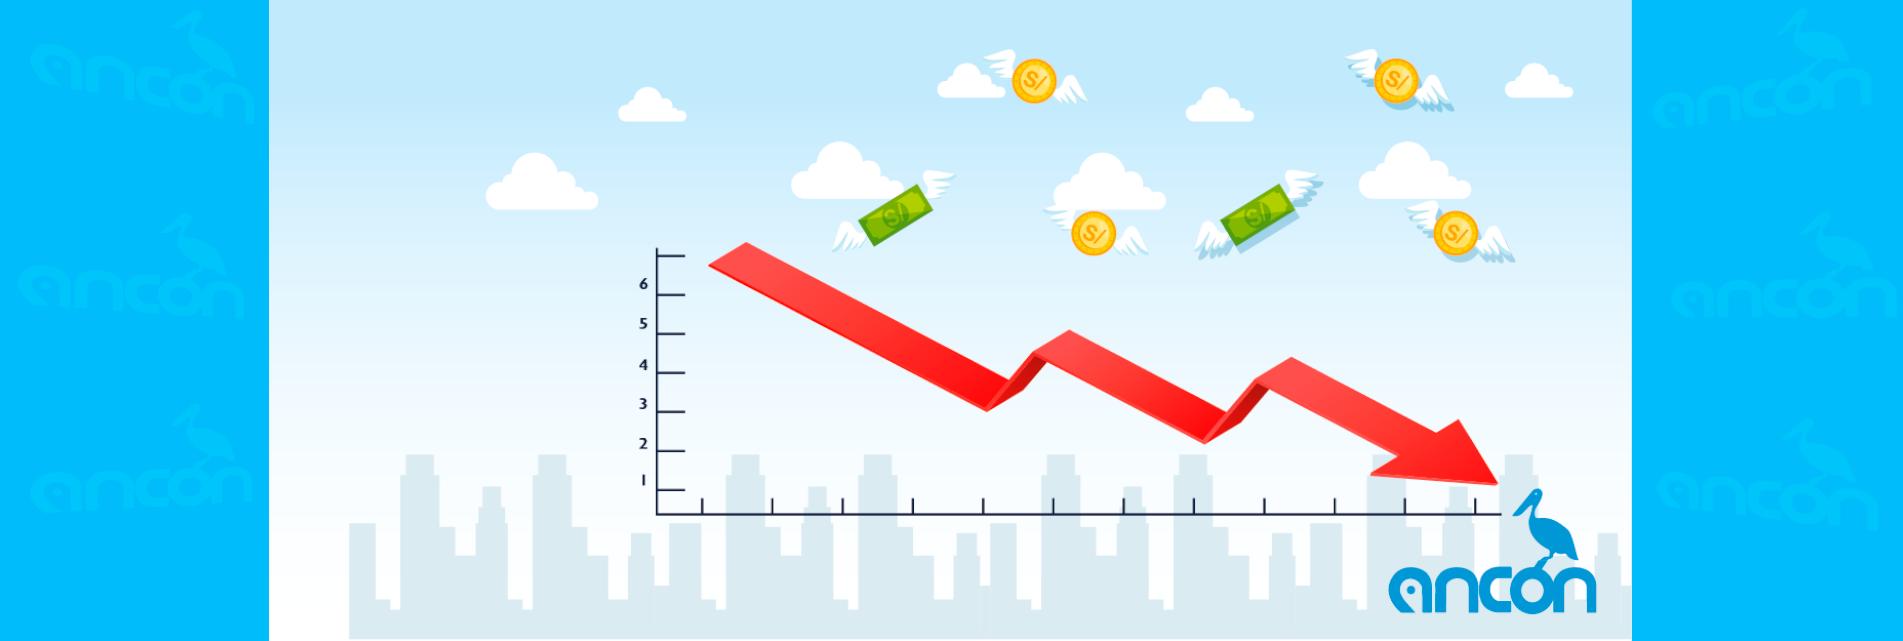 La recaudación decrece mientras la demanda por más y mejores servicios se incrementa